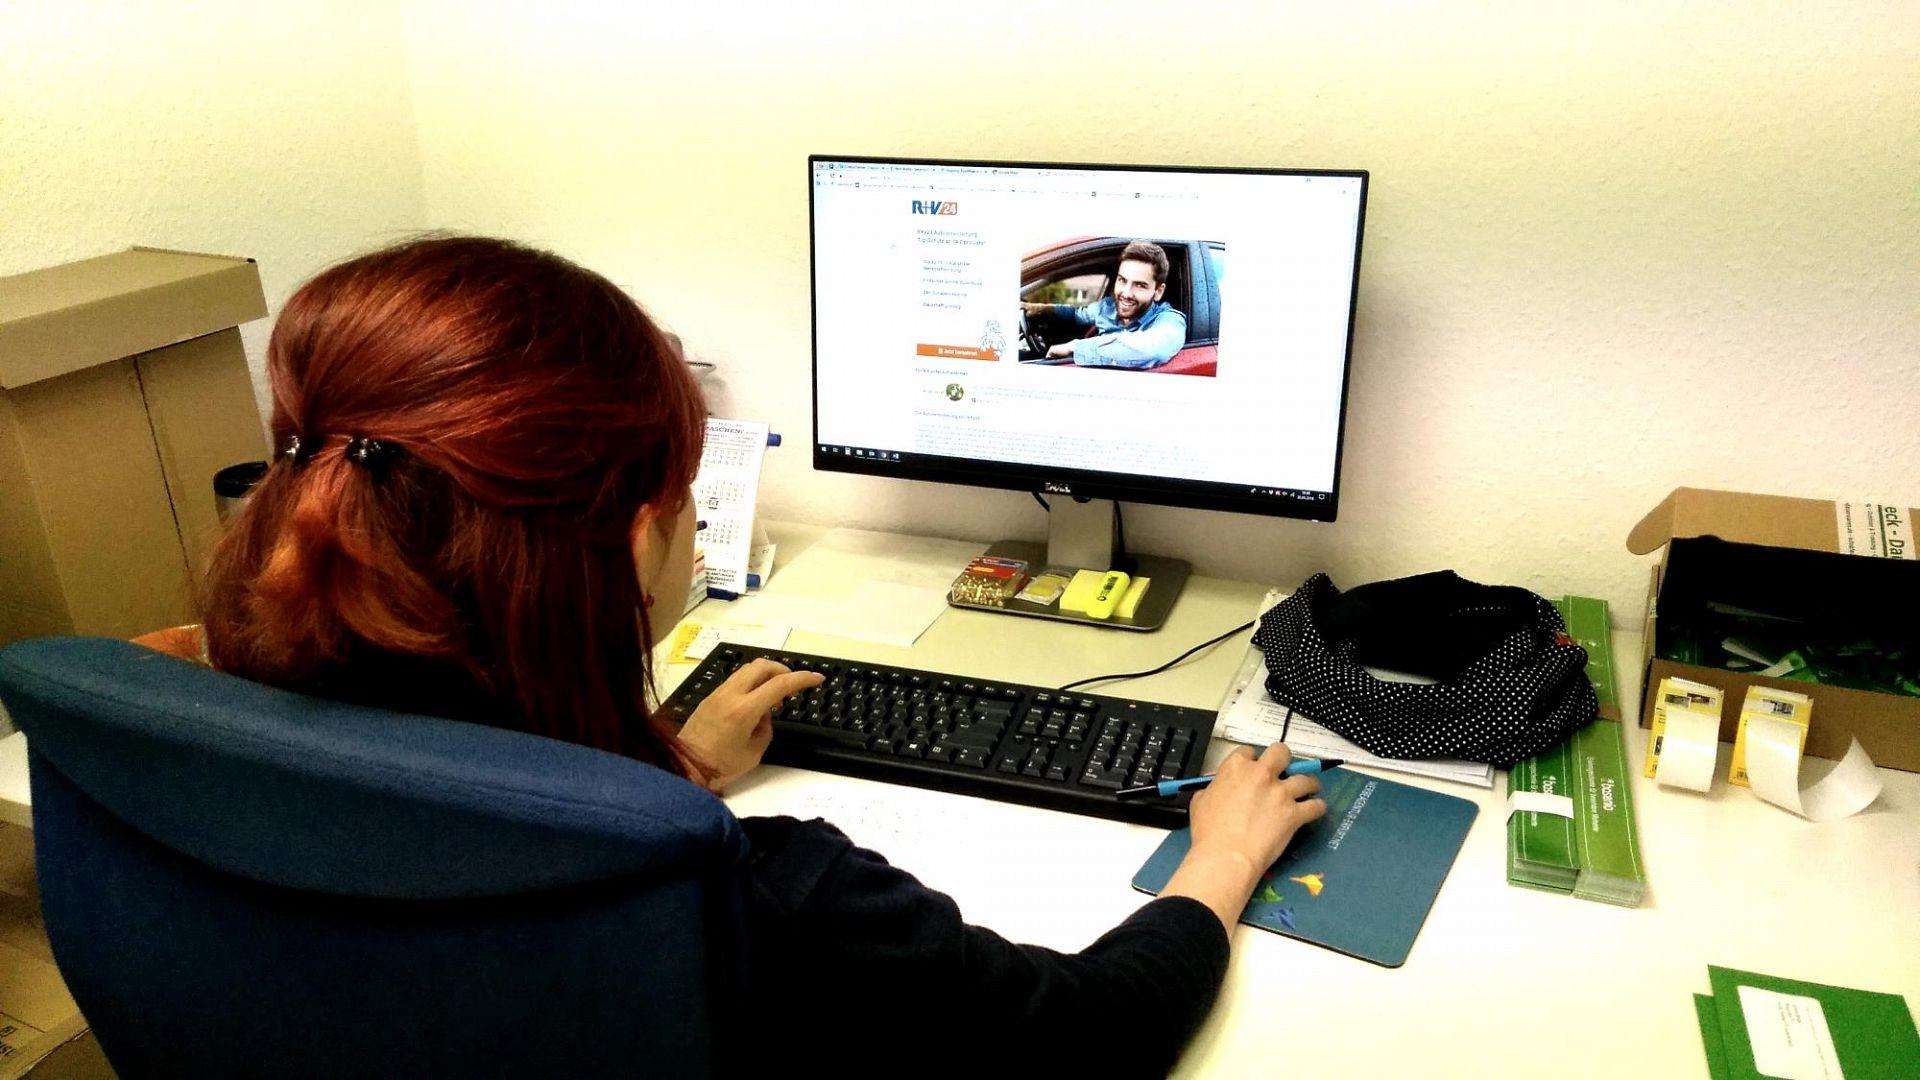 Welche der folgenden vorteile bietet online-dating?